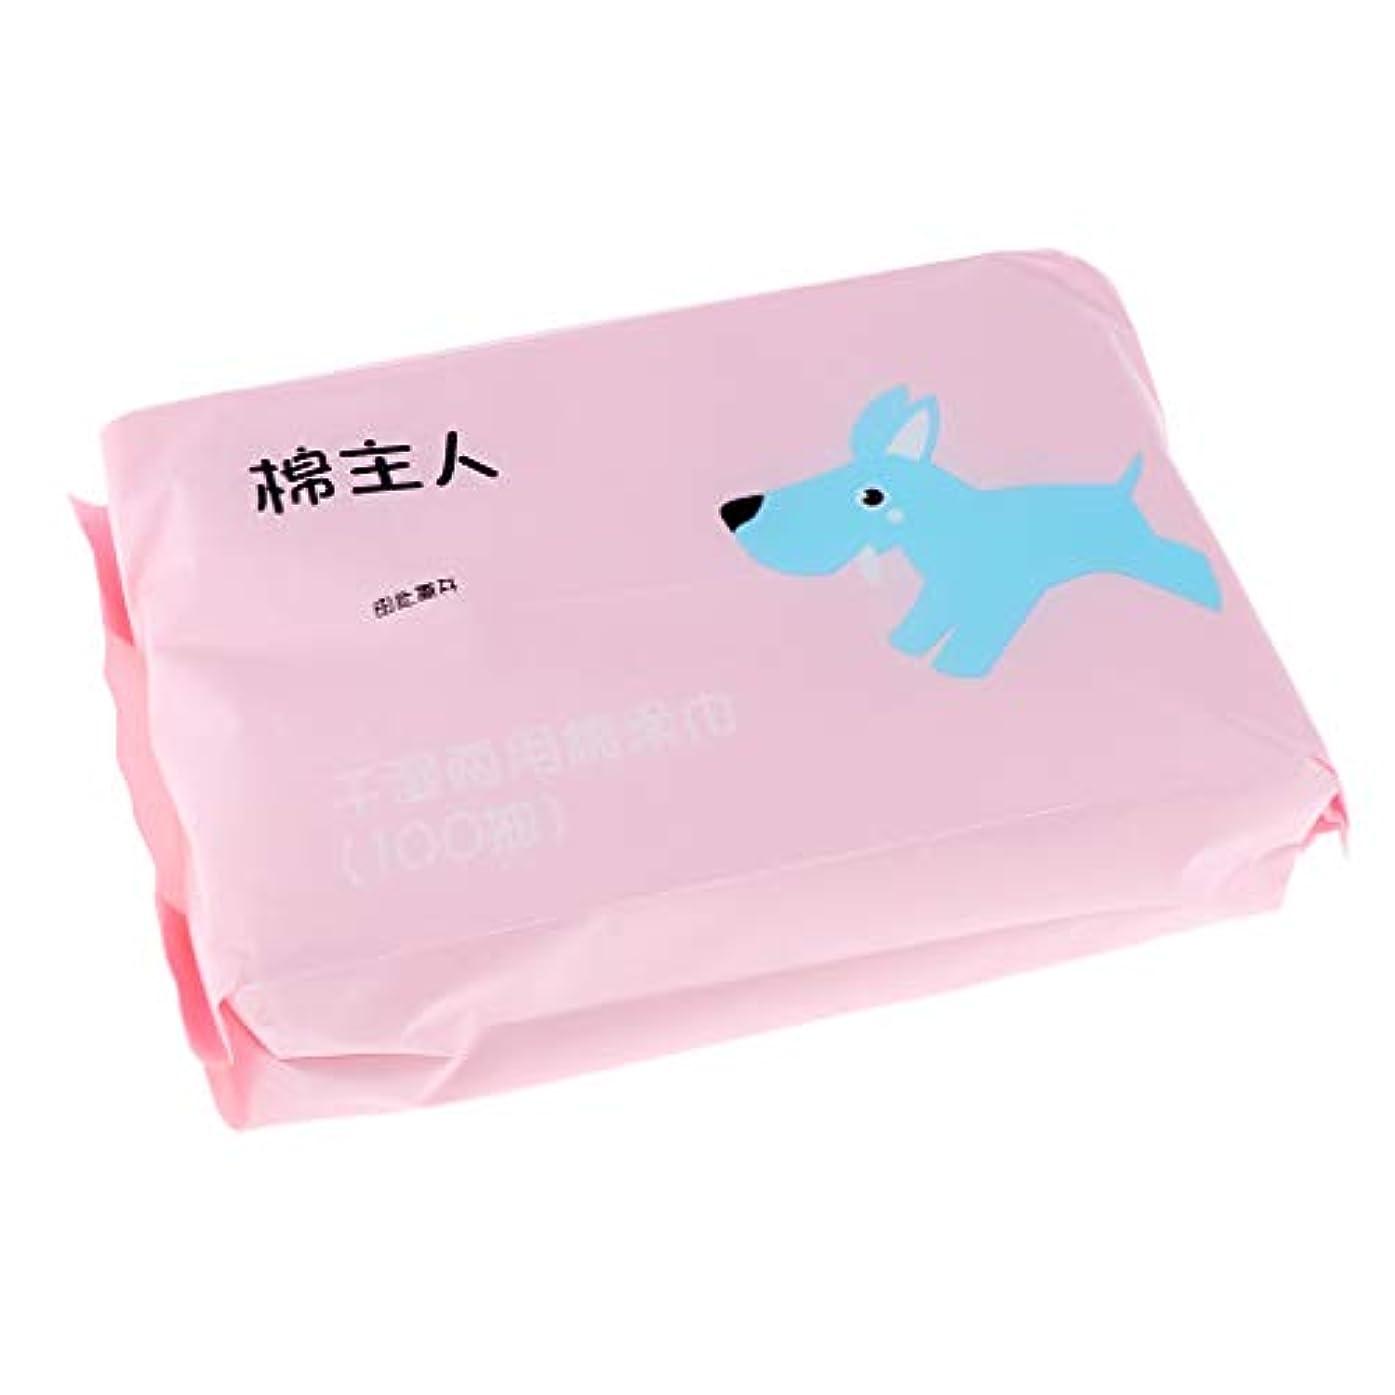 キャンディー足びっくりする約100枚 使い捨て クレンジングシート ソフト 2色選べ - ピンク